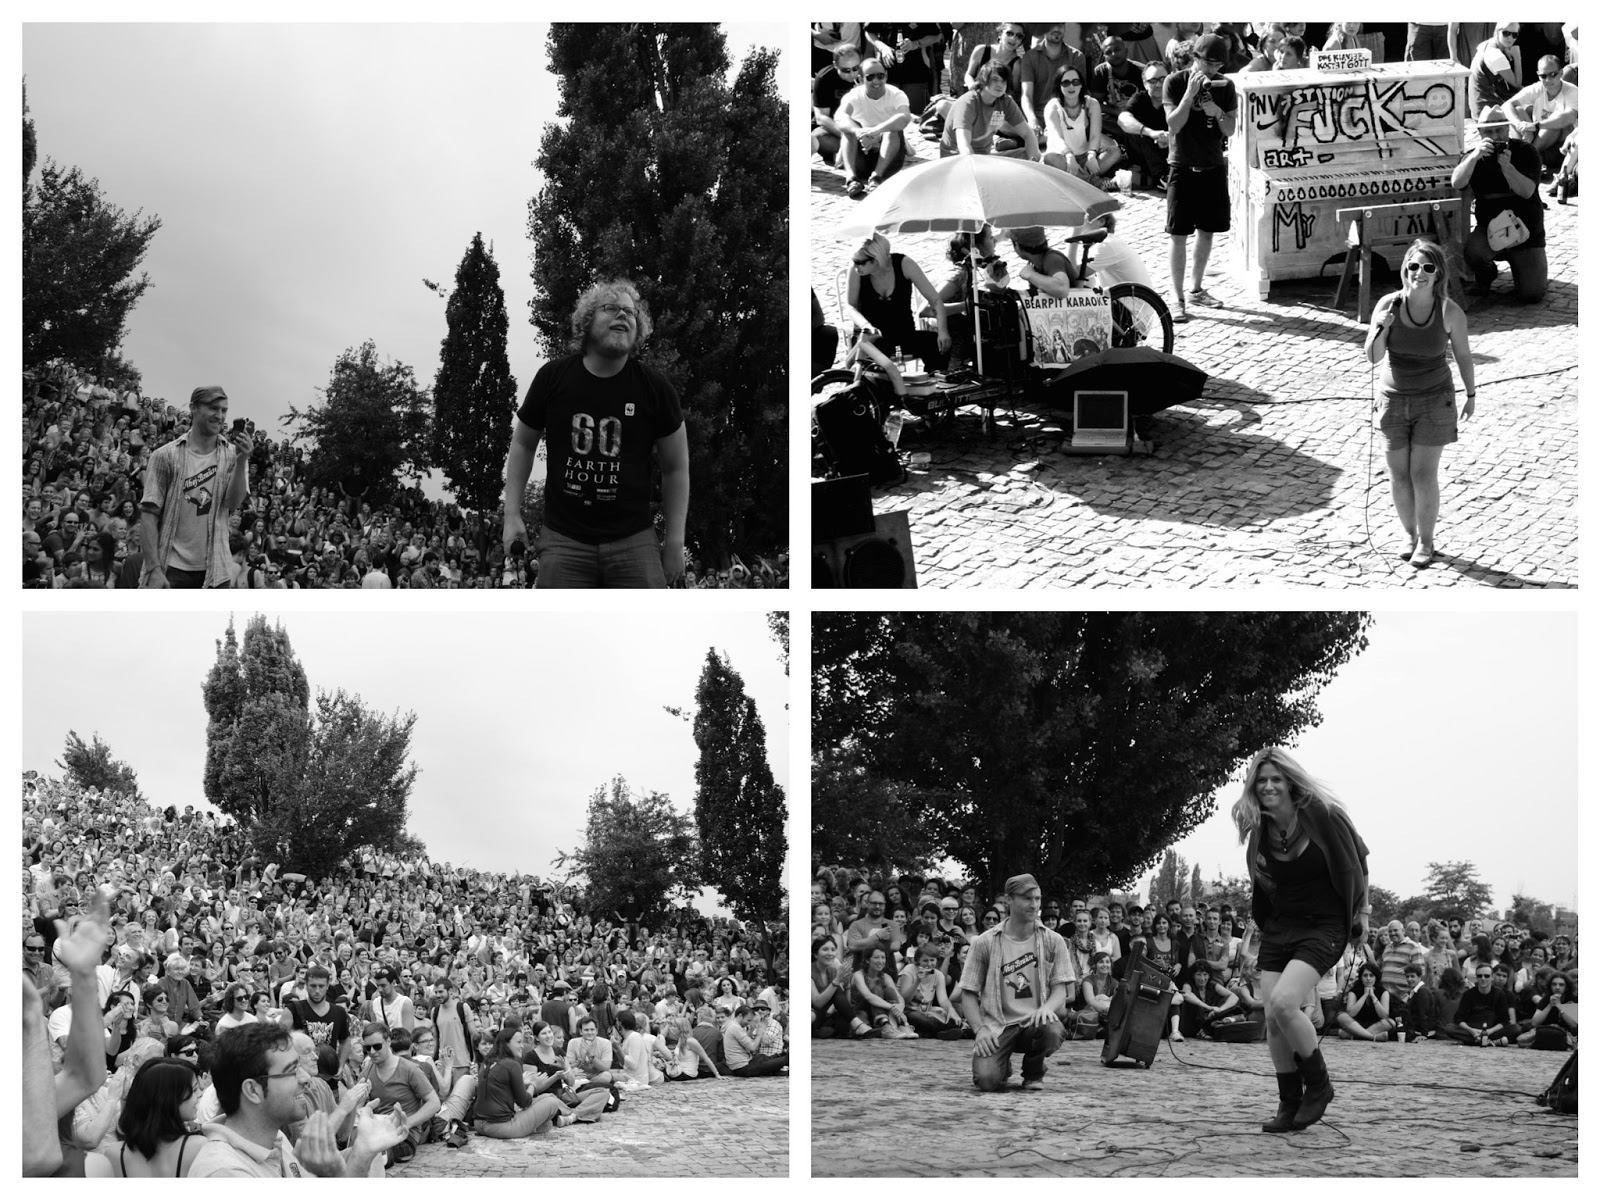 Diferentes actuaciones en el Karaoke de Mauerpark